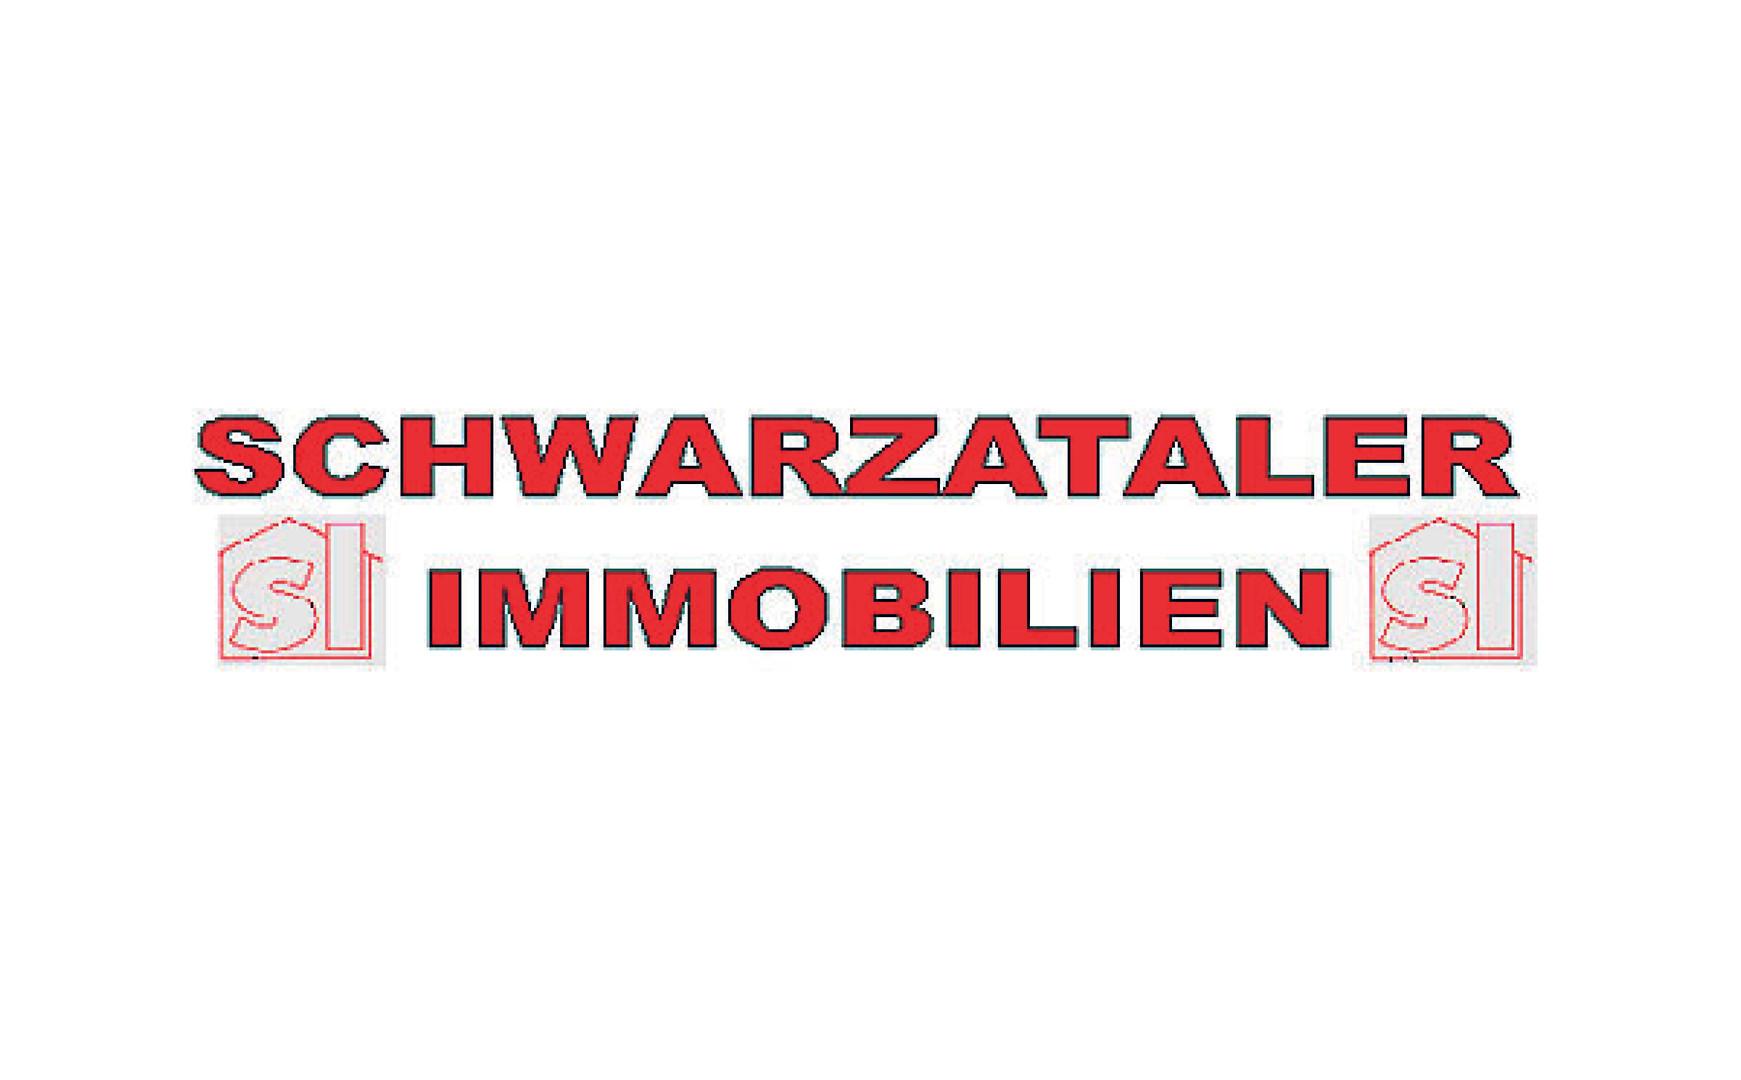 Schwarztaler Immobilien